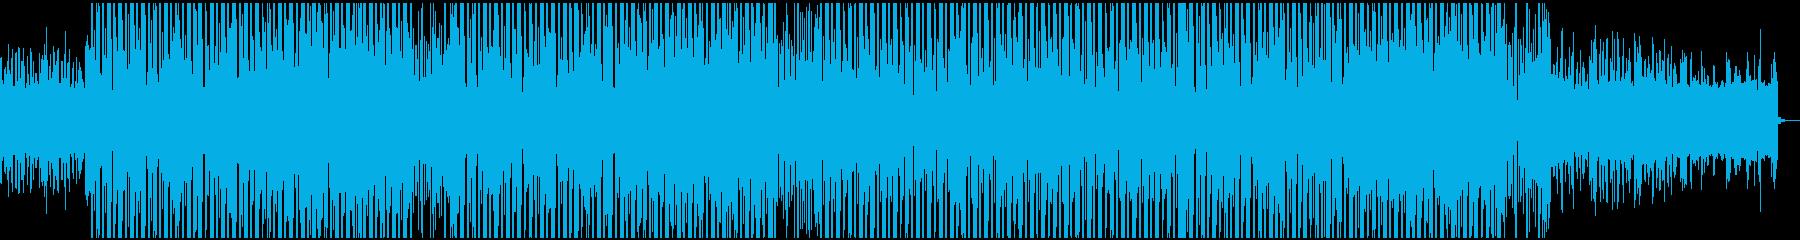 クールで軽快なbassmusic系EDMの再生済みの波形